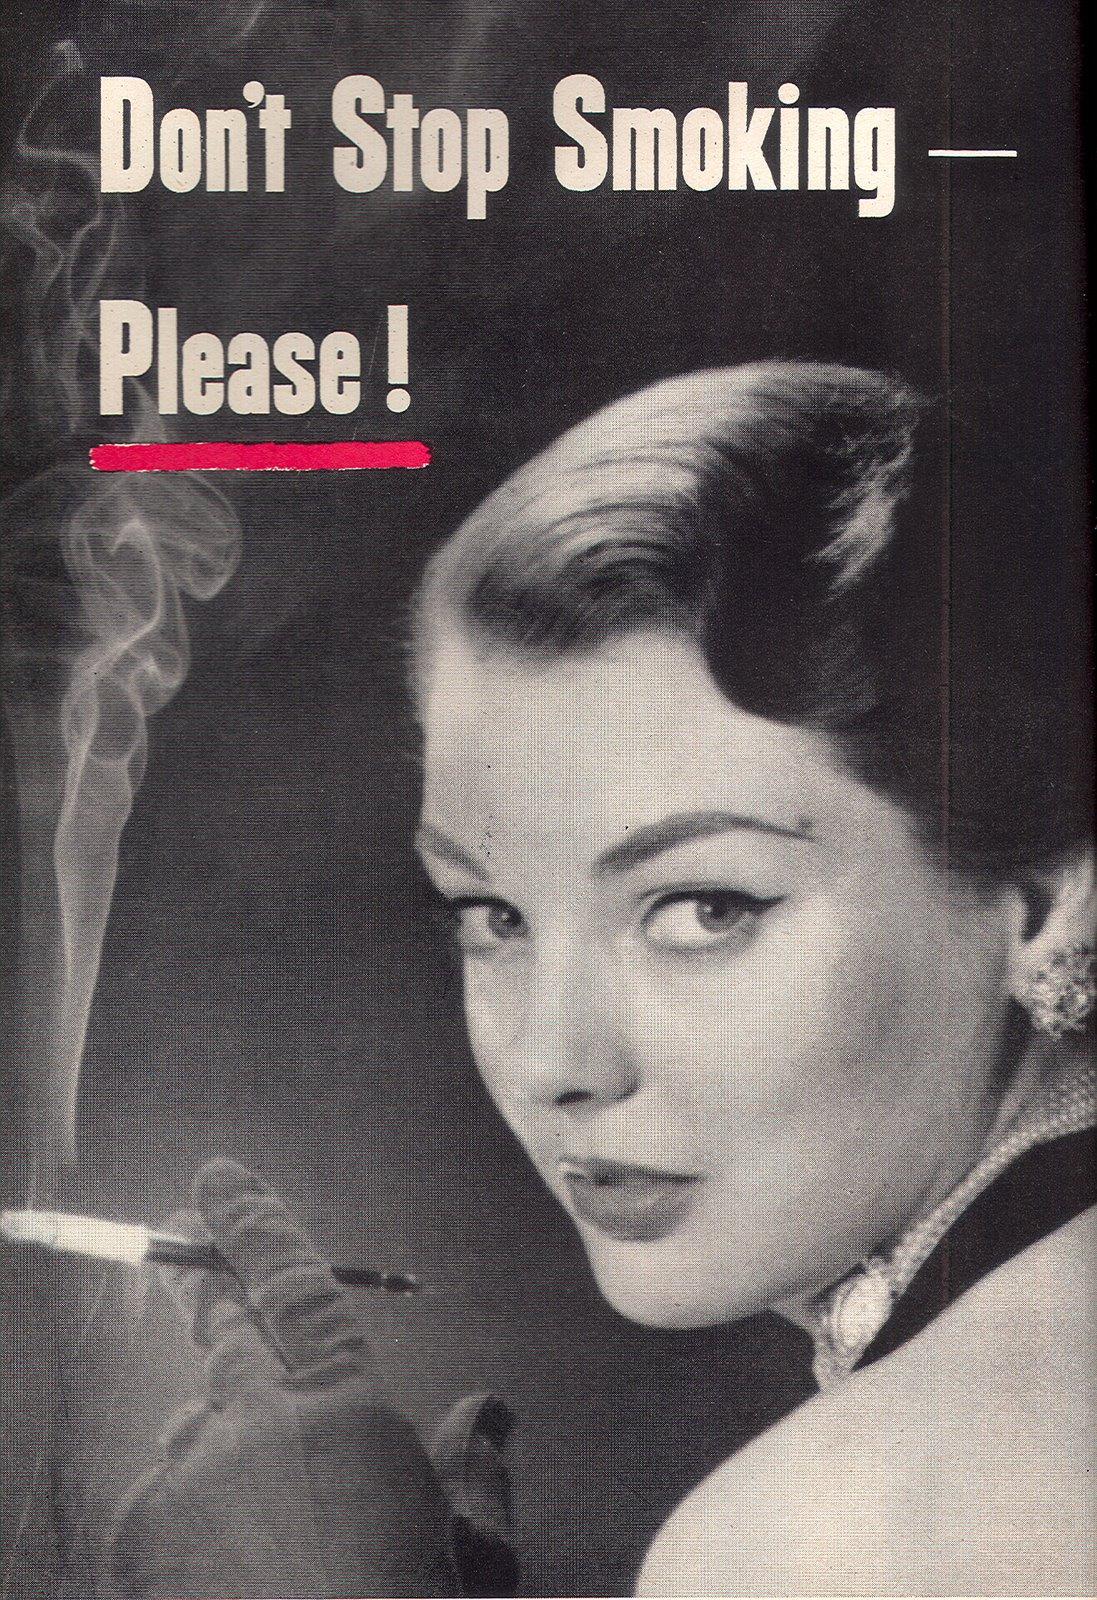 [dont+stop+smoking]